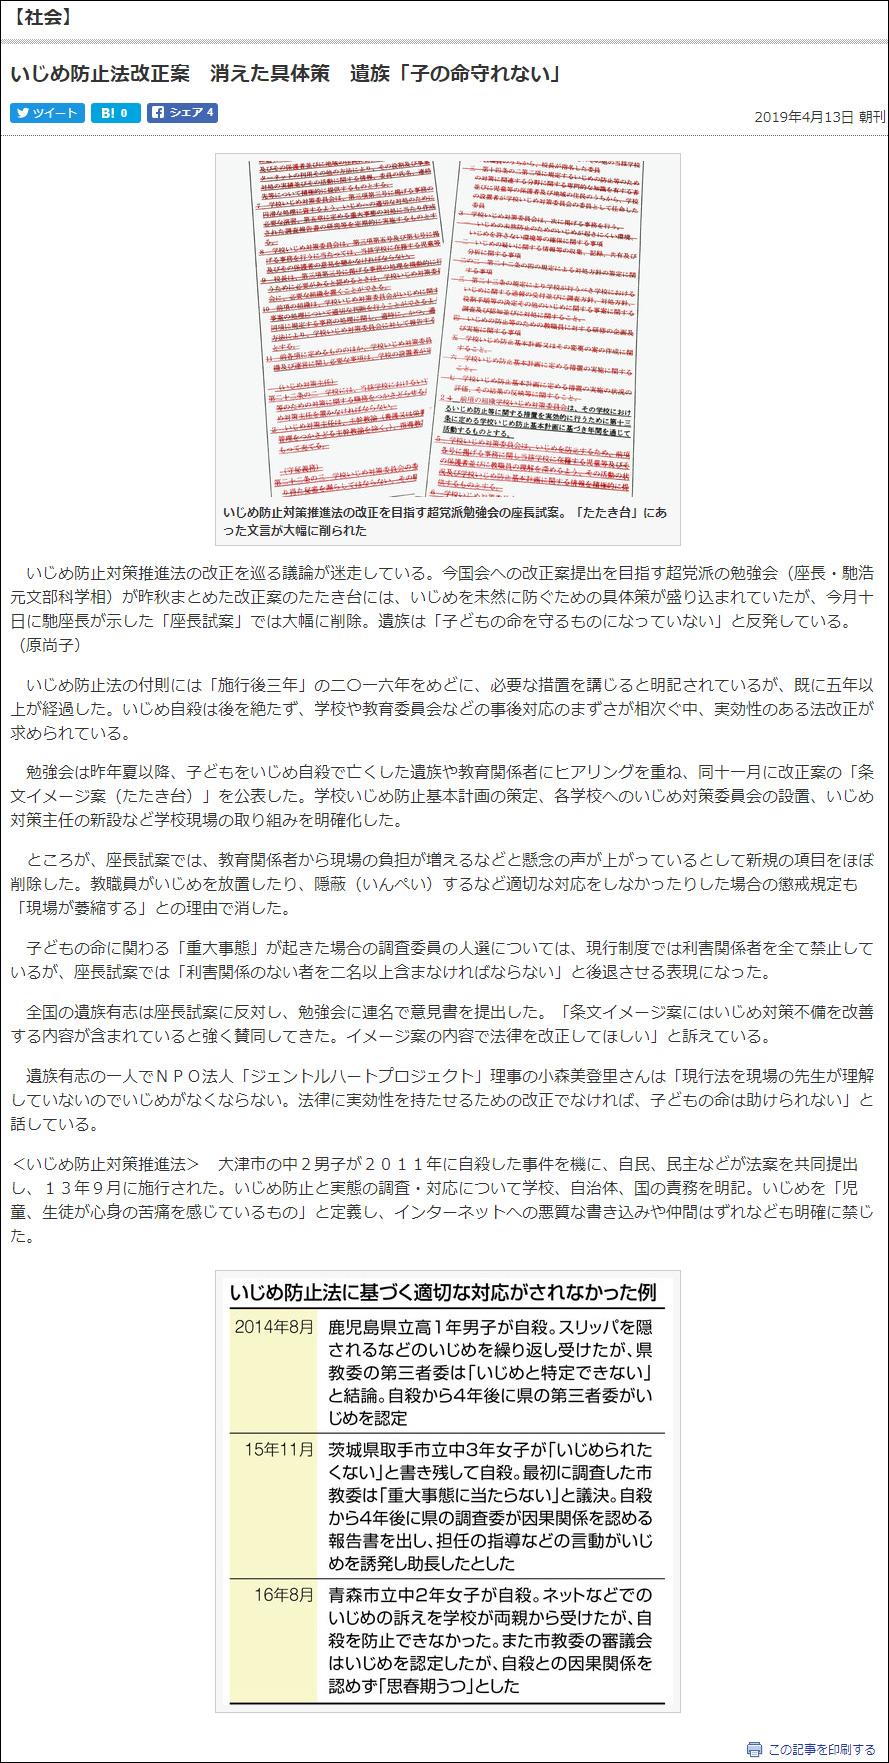 小森美登里:東京新聞、2019年4月13日いじめ防止法改正案 消えた具体策 遺族『子の命守れない』」掲載